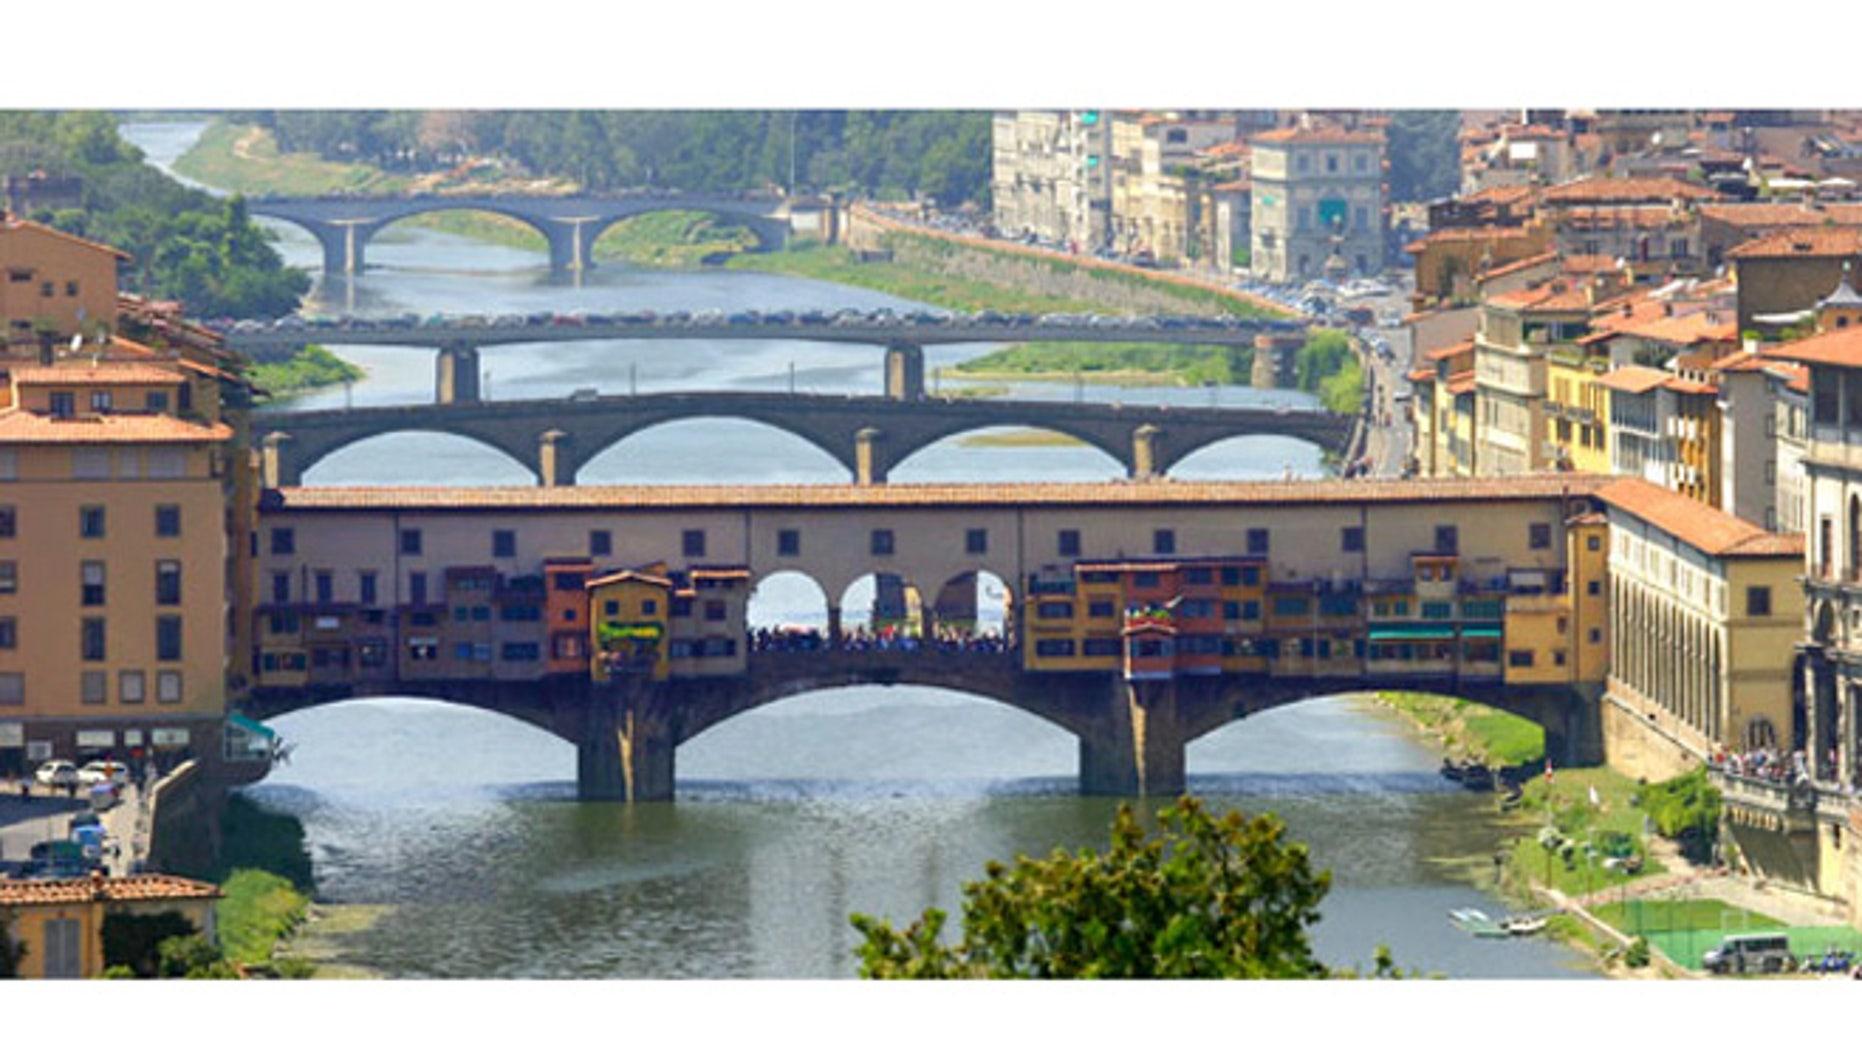 Ponte Vecchio (Old Bridge)